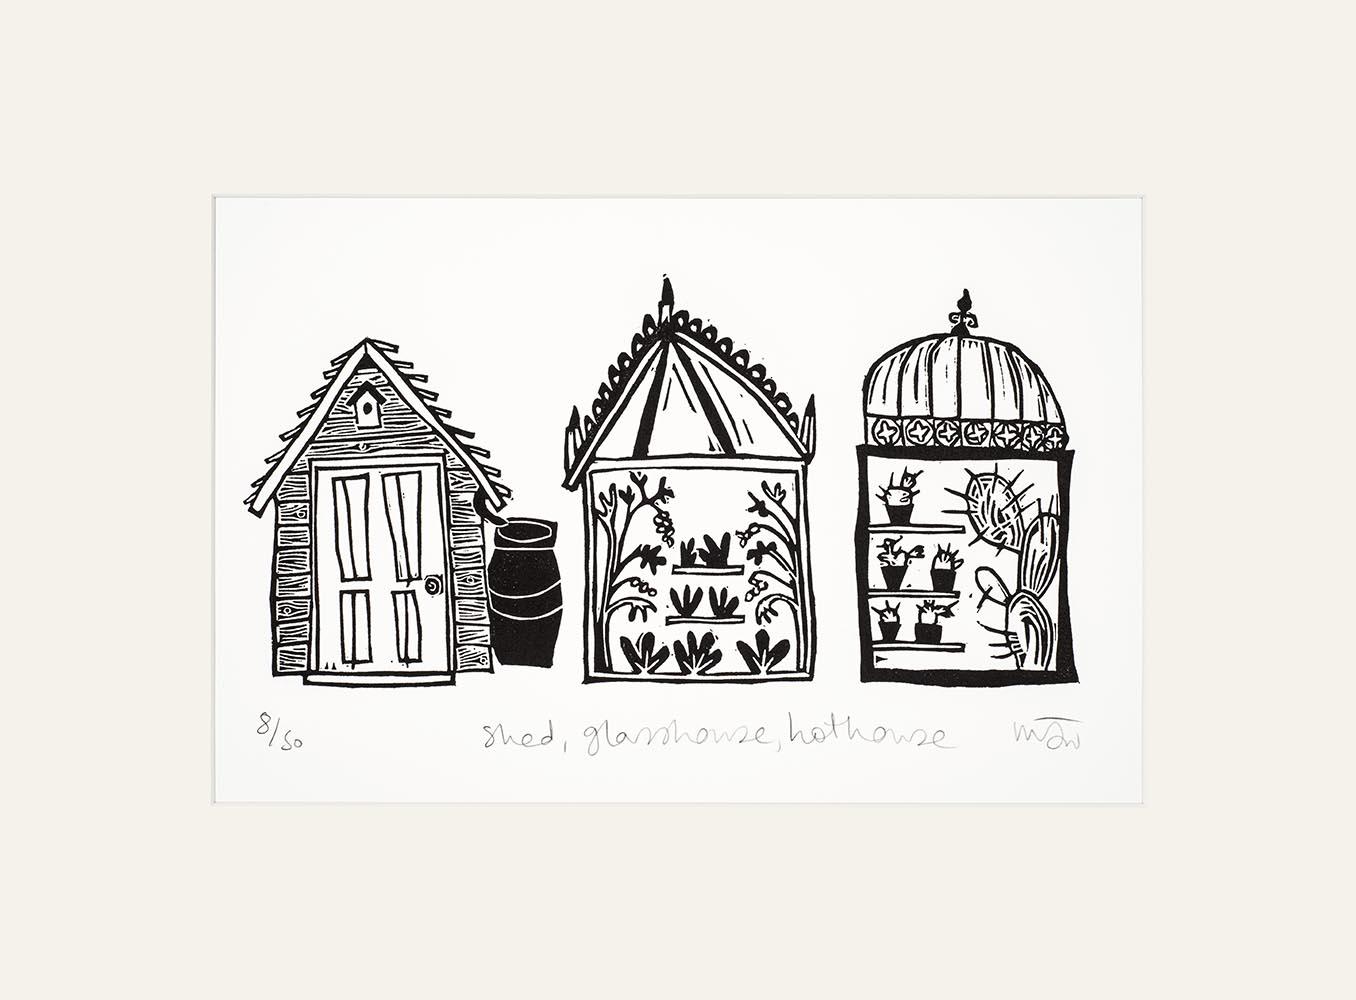 Shed Glasshouse Hothouse